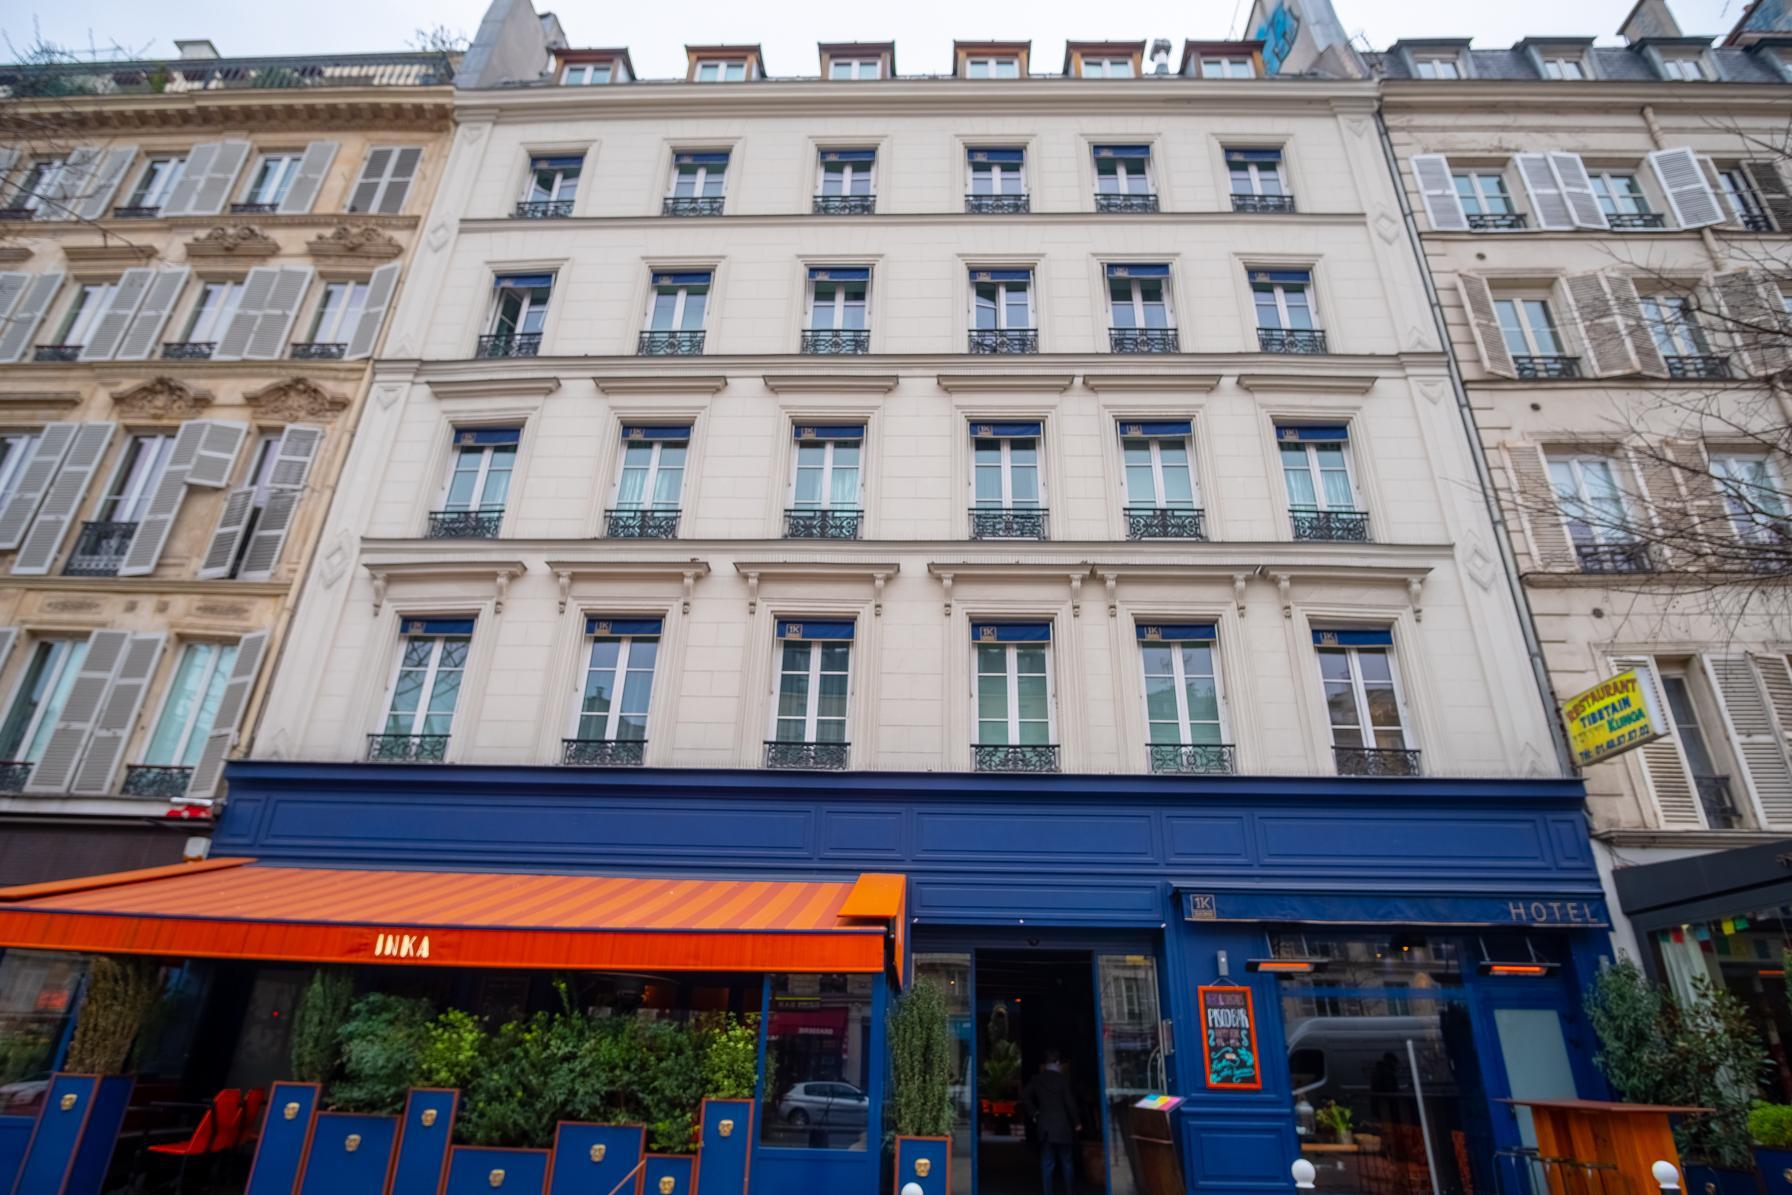 Produit rare spécial investisseur ! Rentabilité de 4,72 % dans un 4 étoiles en plein cœur du quartier du 3ème arrondissement de Paris (boulevard du Temple).